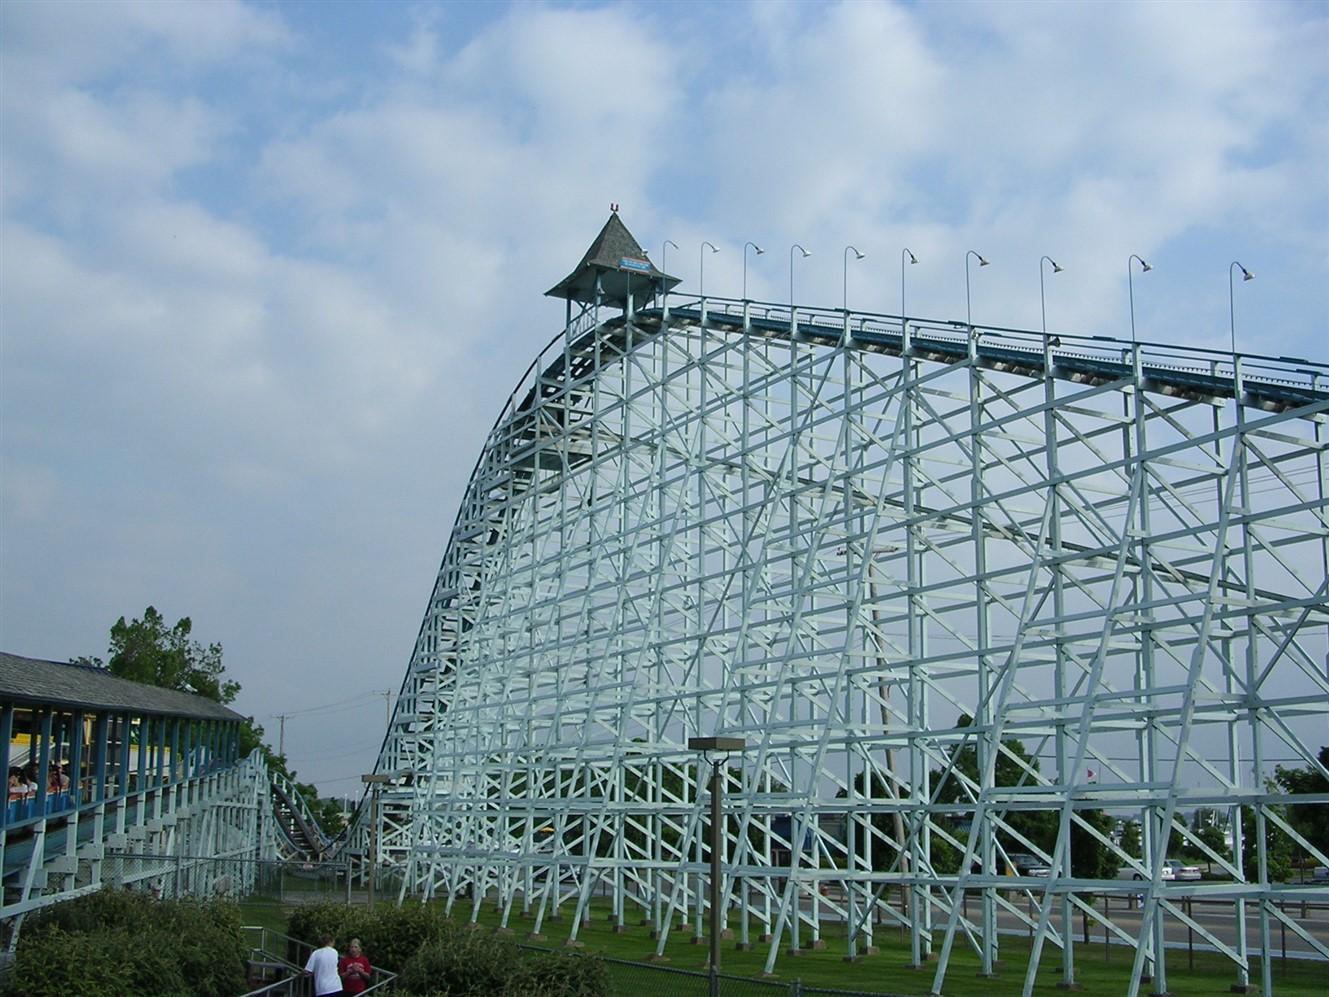 2005 06 03 Cedar Point 87.jpg